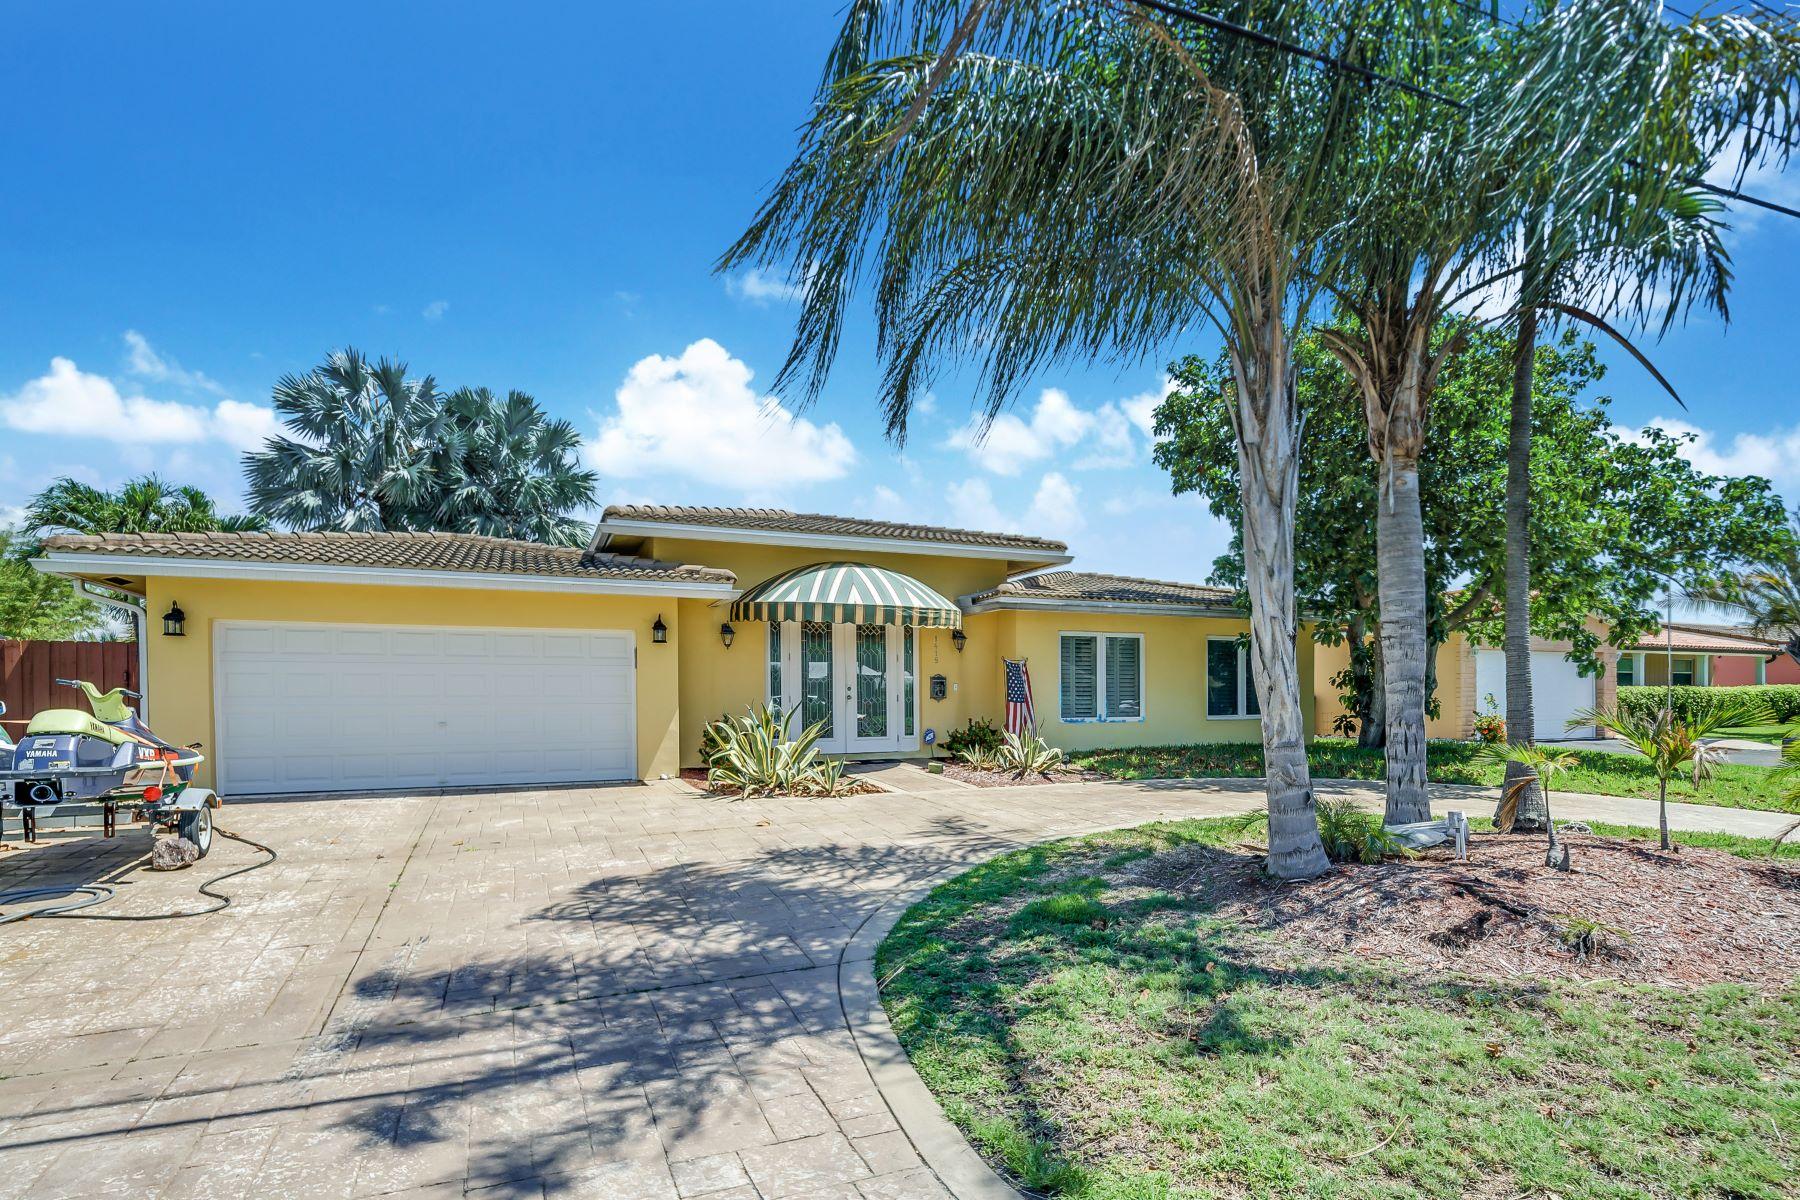 단독 가정 주택 용 매매 에 1419 Ne 57th St Fort Lauderdale, 플로리다, 33334 미국